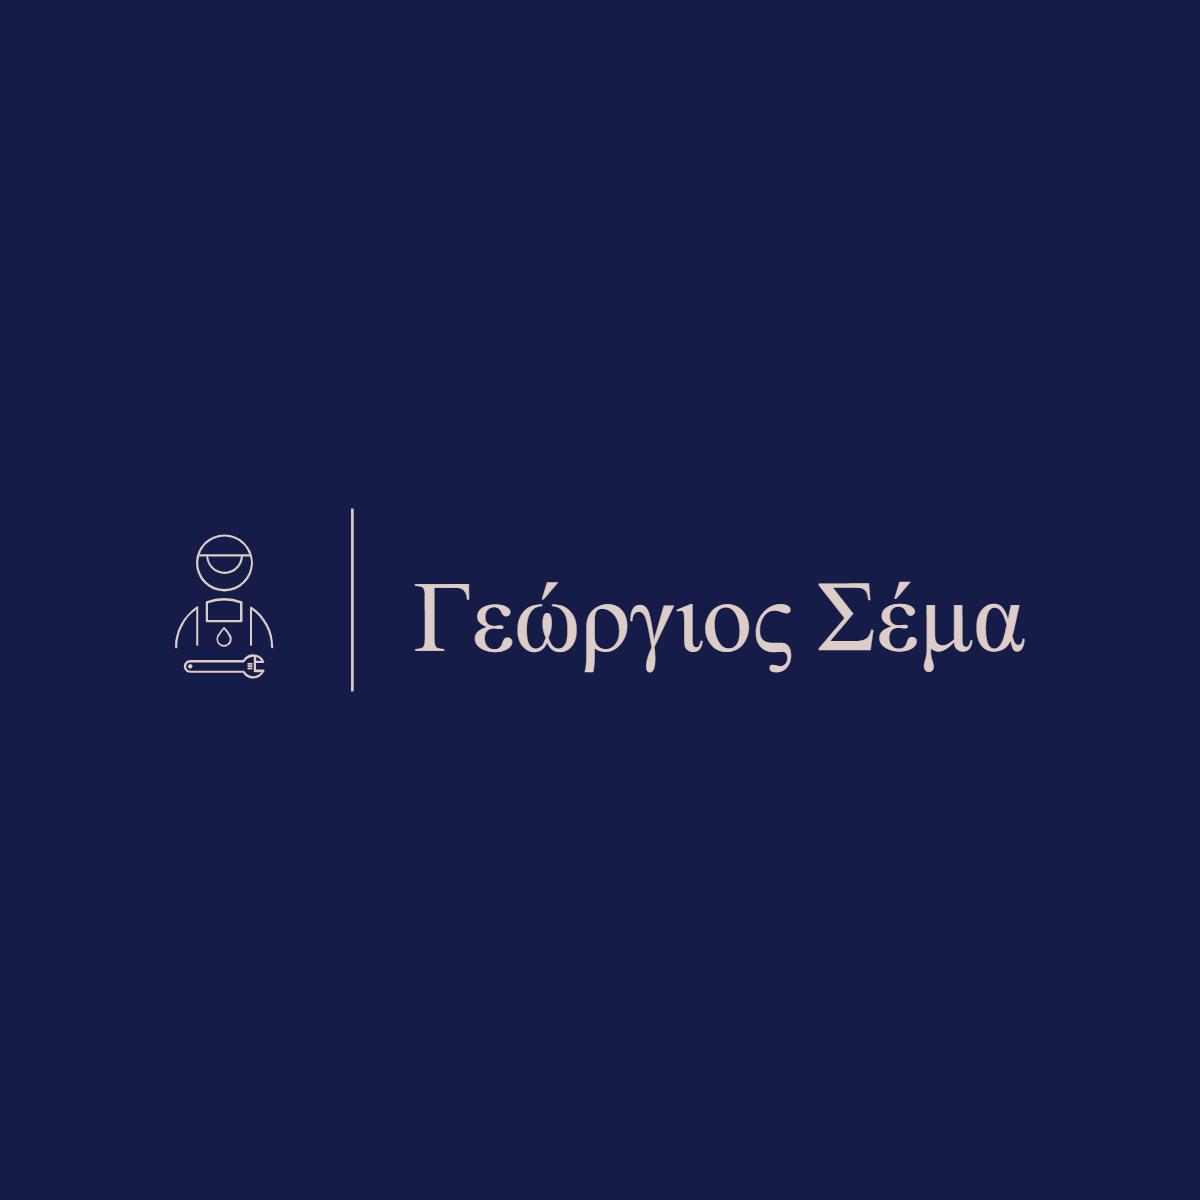 Γεώργιος Σέμα